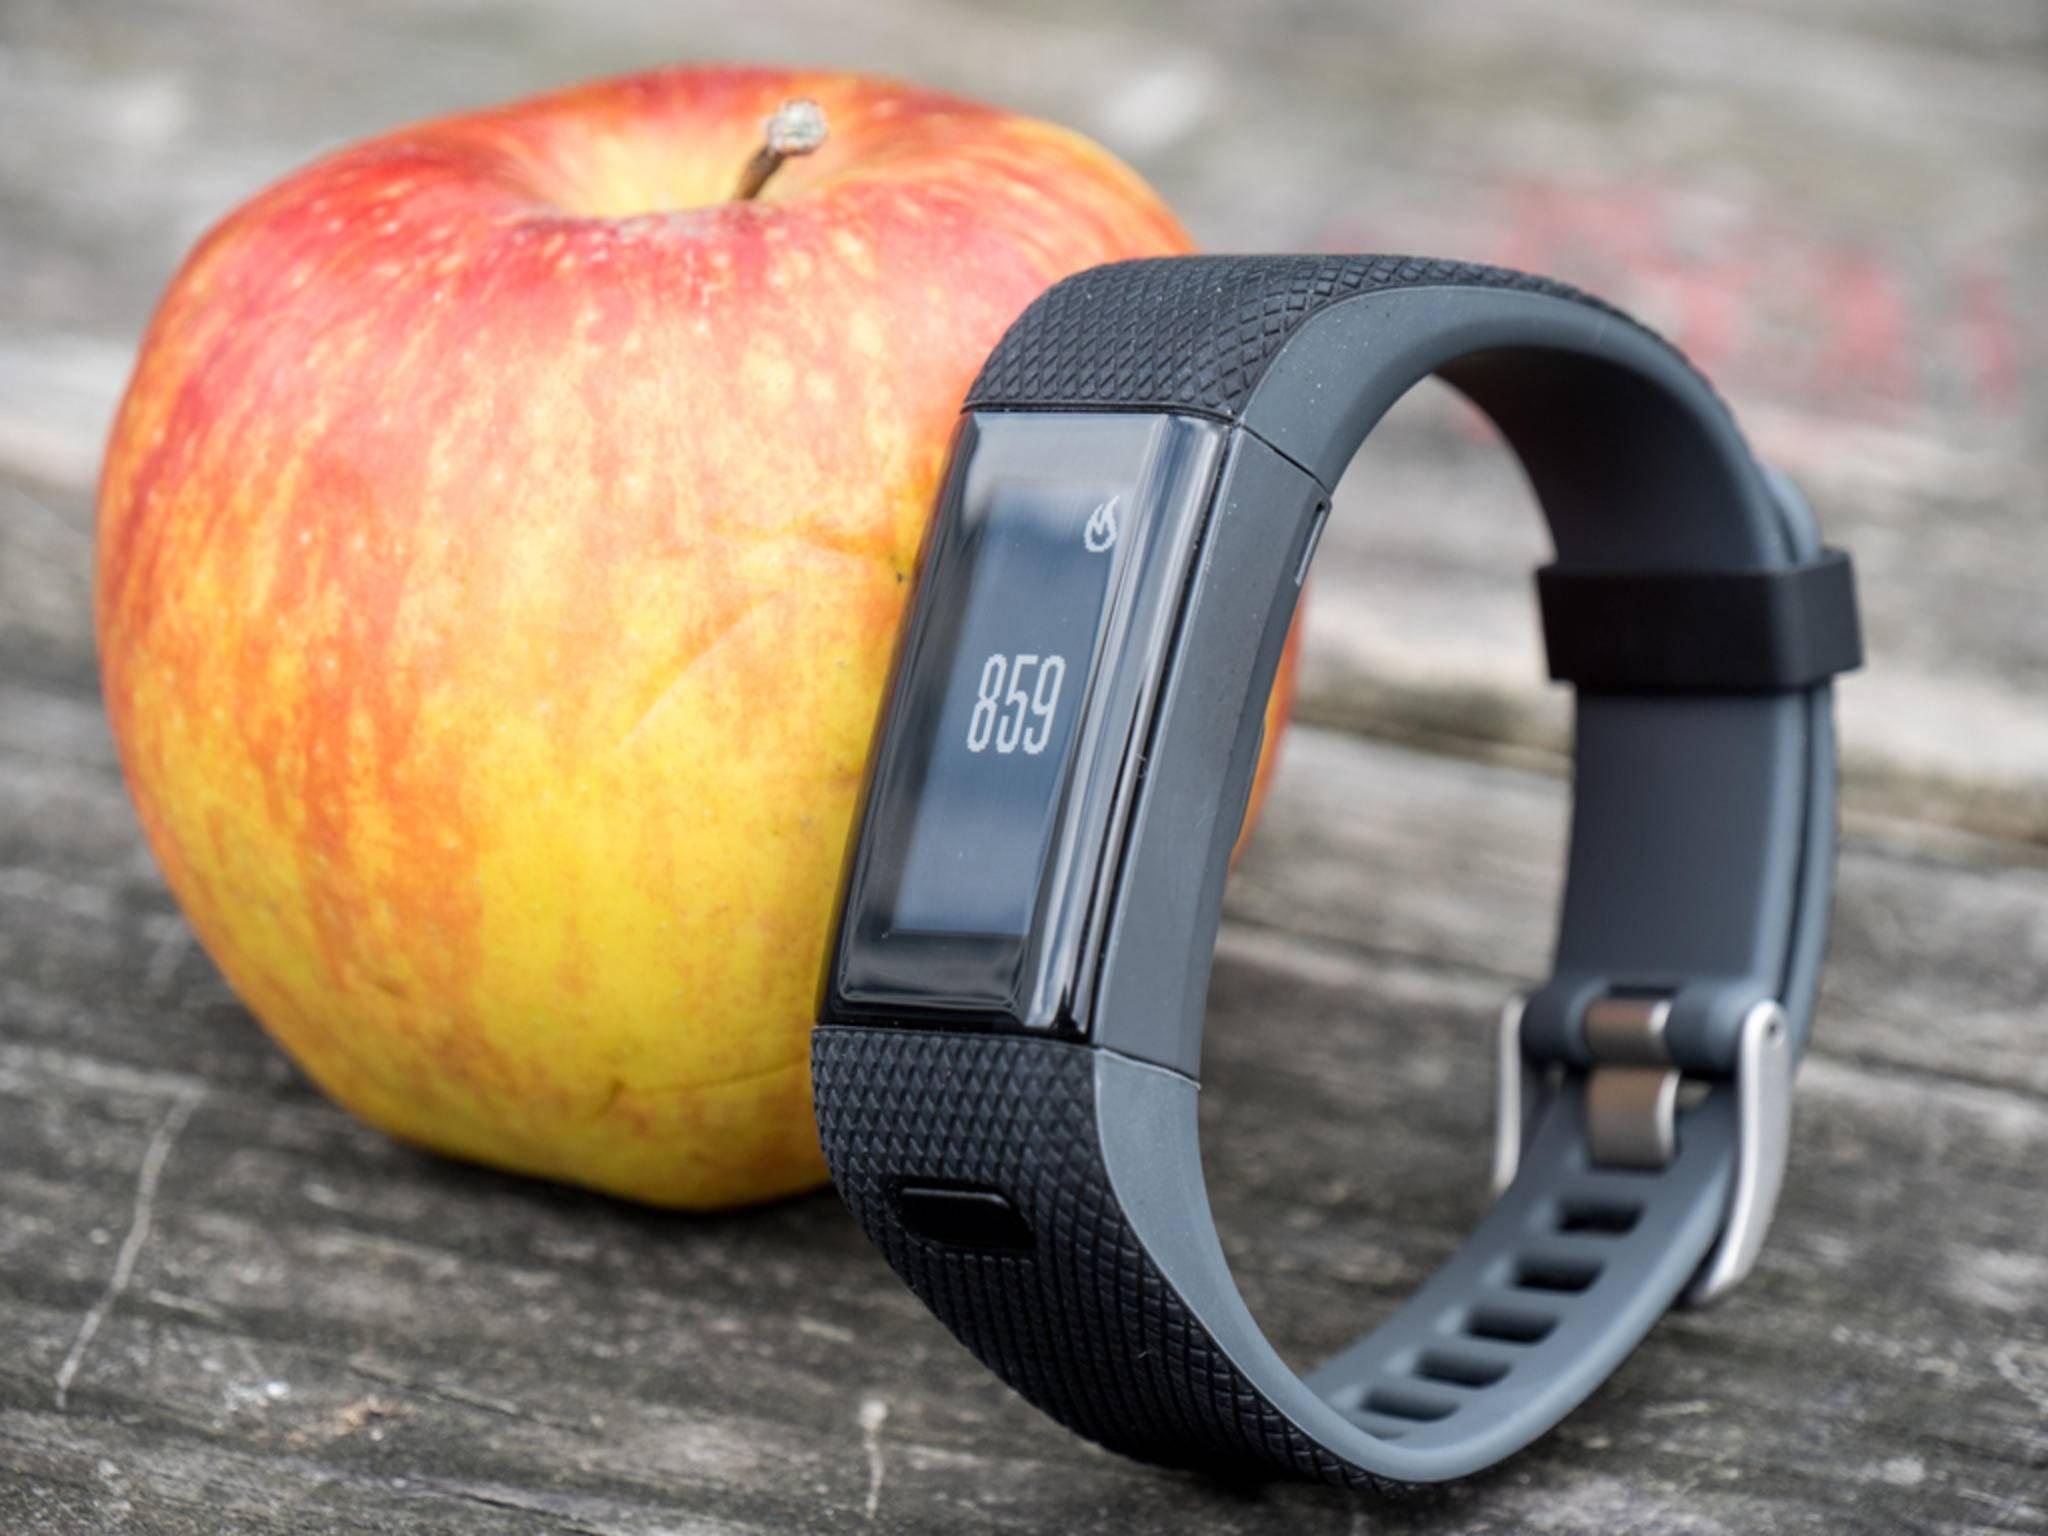 US-Forscher glauben: Daten aus dem Fitness-Tracker könnten bald für die Vorhersage von Krankheiten genutzt werden.